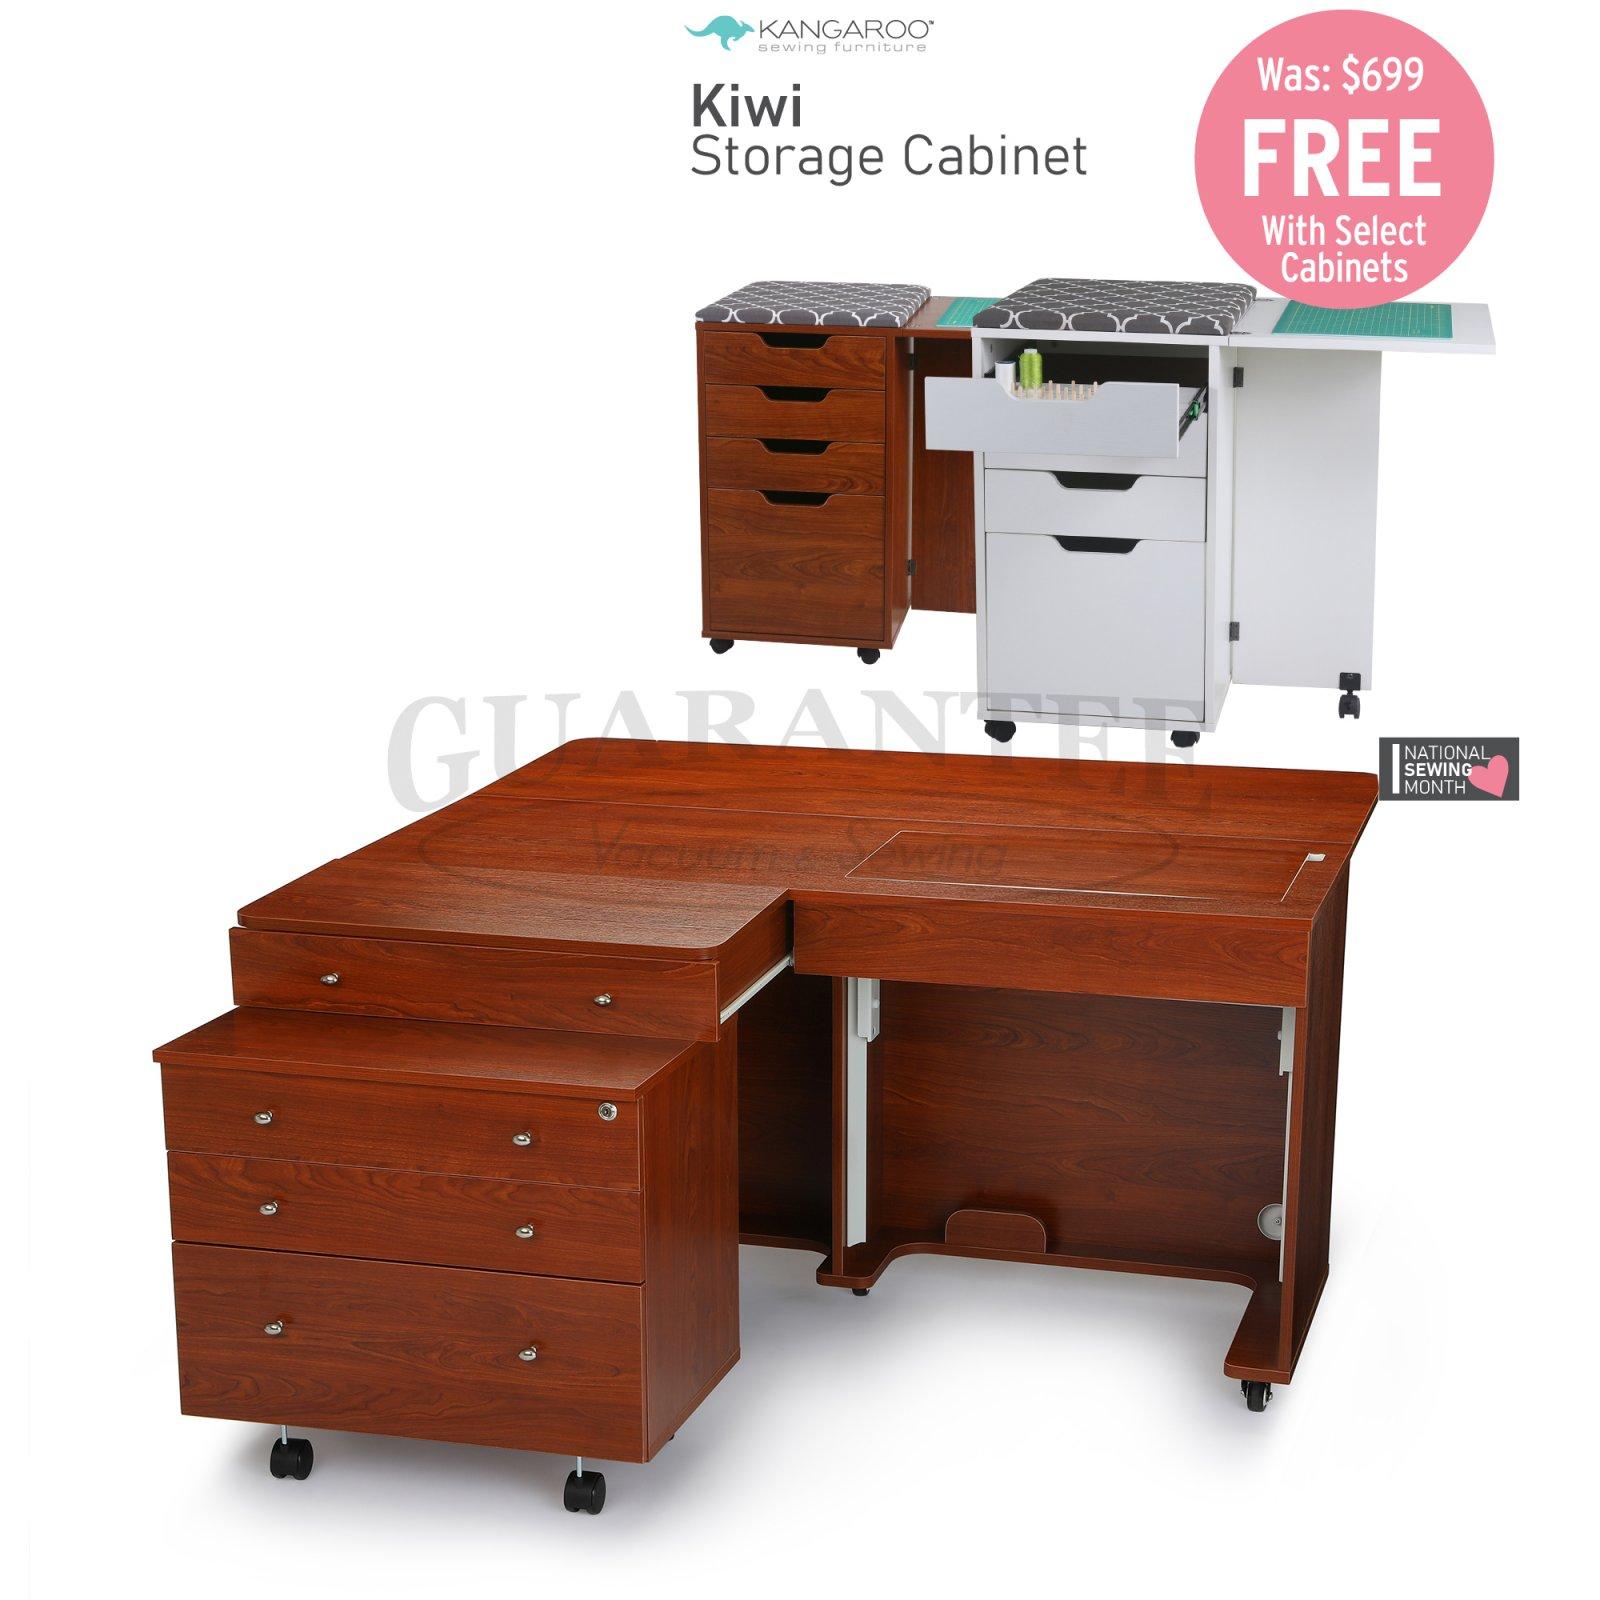 KANGAROO Kangaroo II & Joey II Sewing Cabinet Combo (Choose Your Finish)